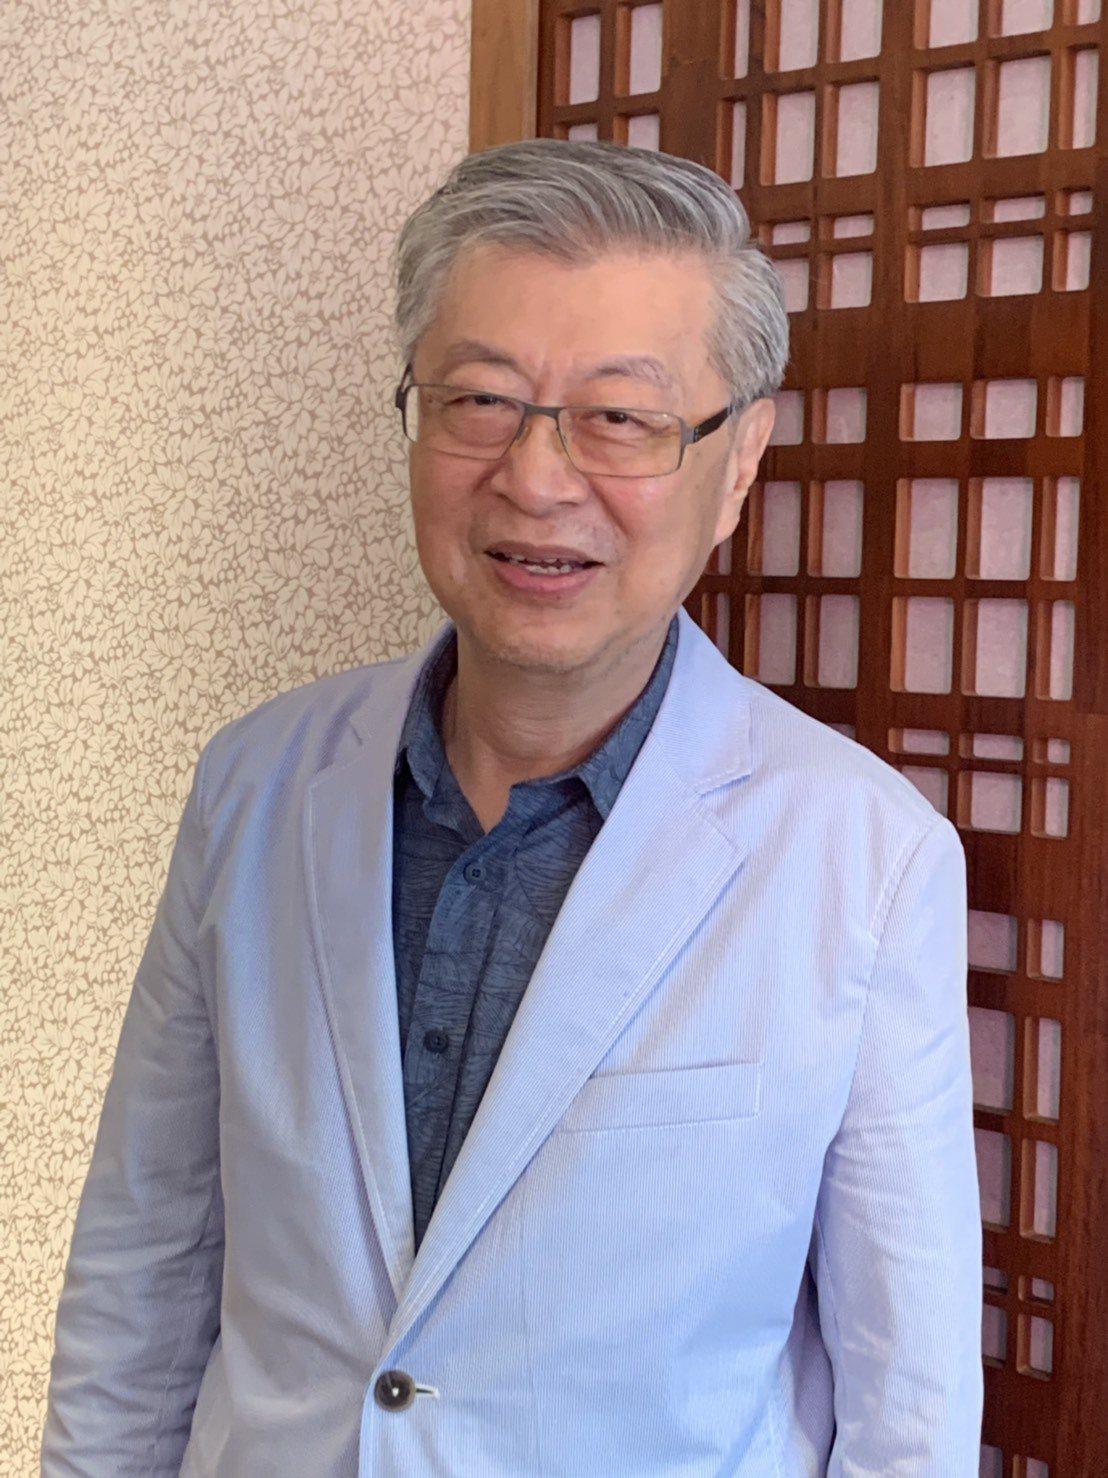 行政院前院長、新世代金融基金會董事長陳冲。記者沈婉玉/攝影